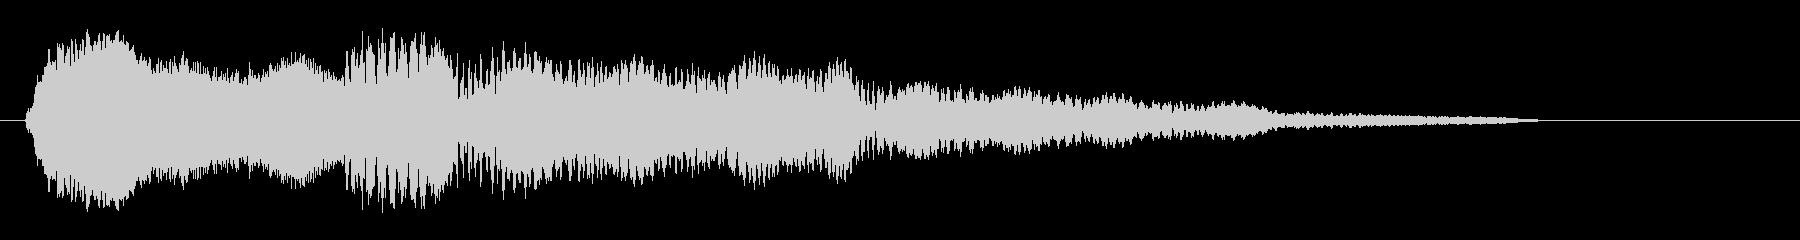 ピュルルル〜(愉快な効果音)の未再生の波形